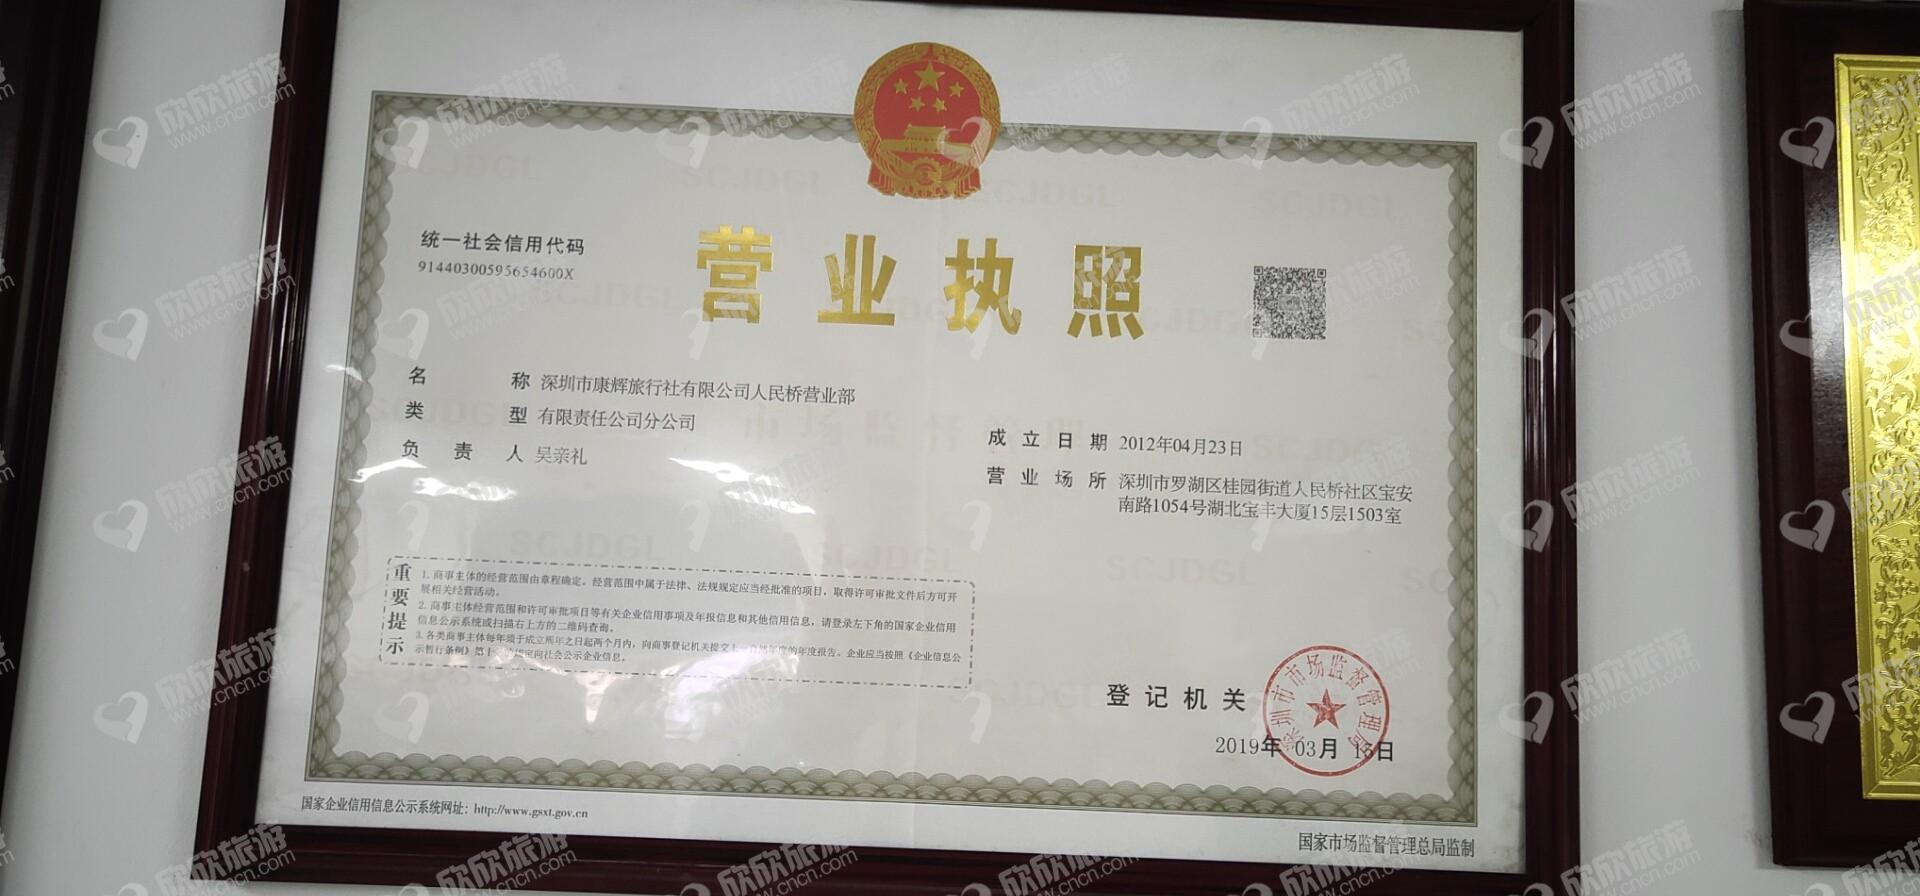 深圳市康辉旅行社有限公司人民桥营业部营业执照